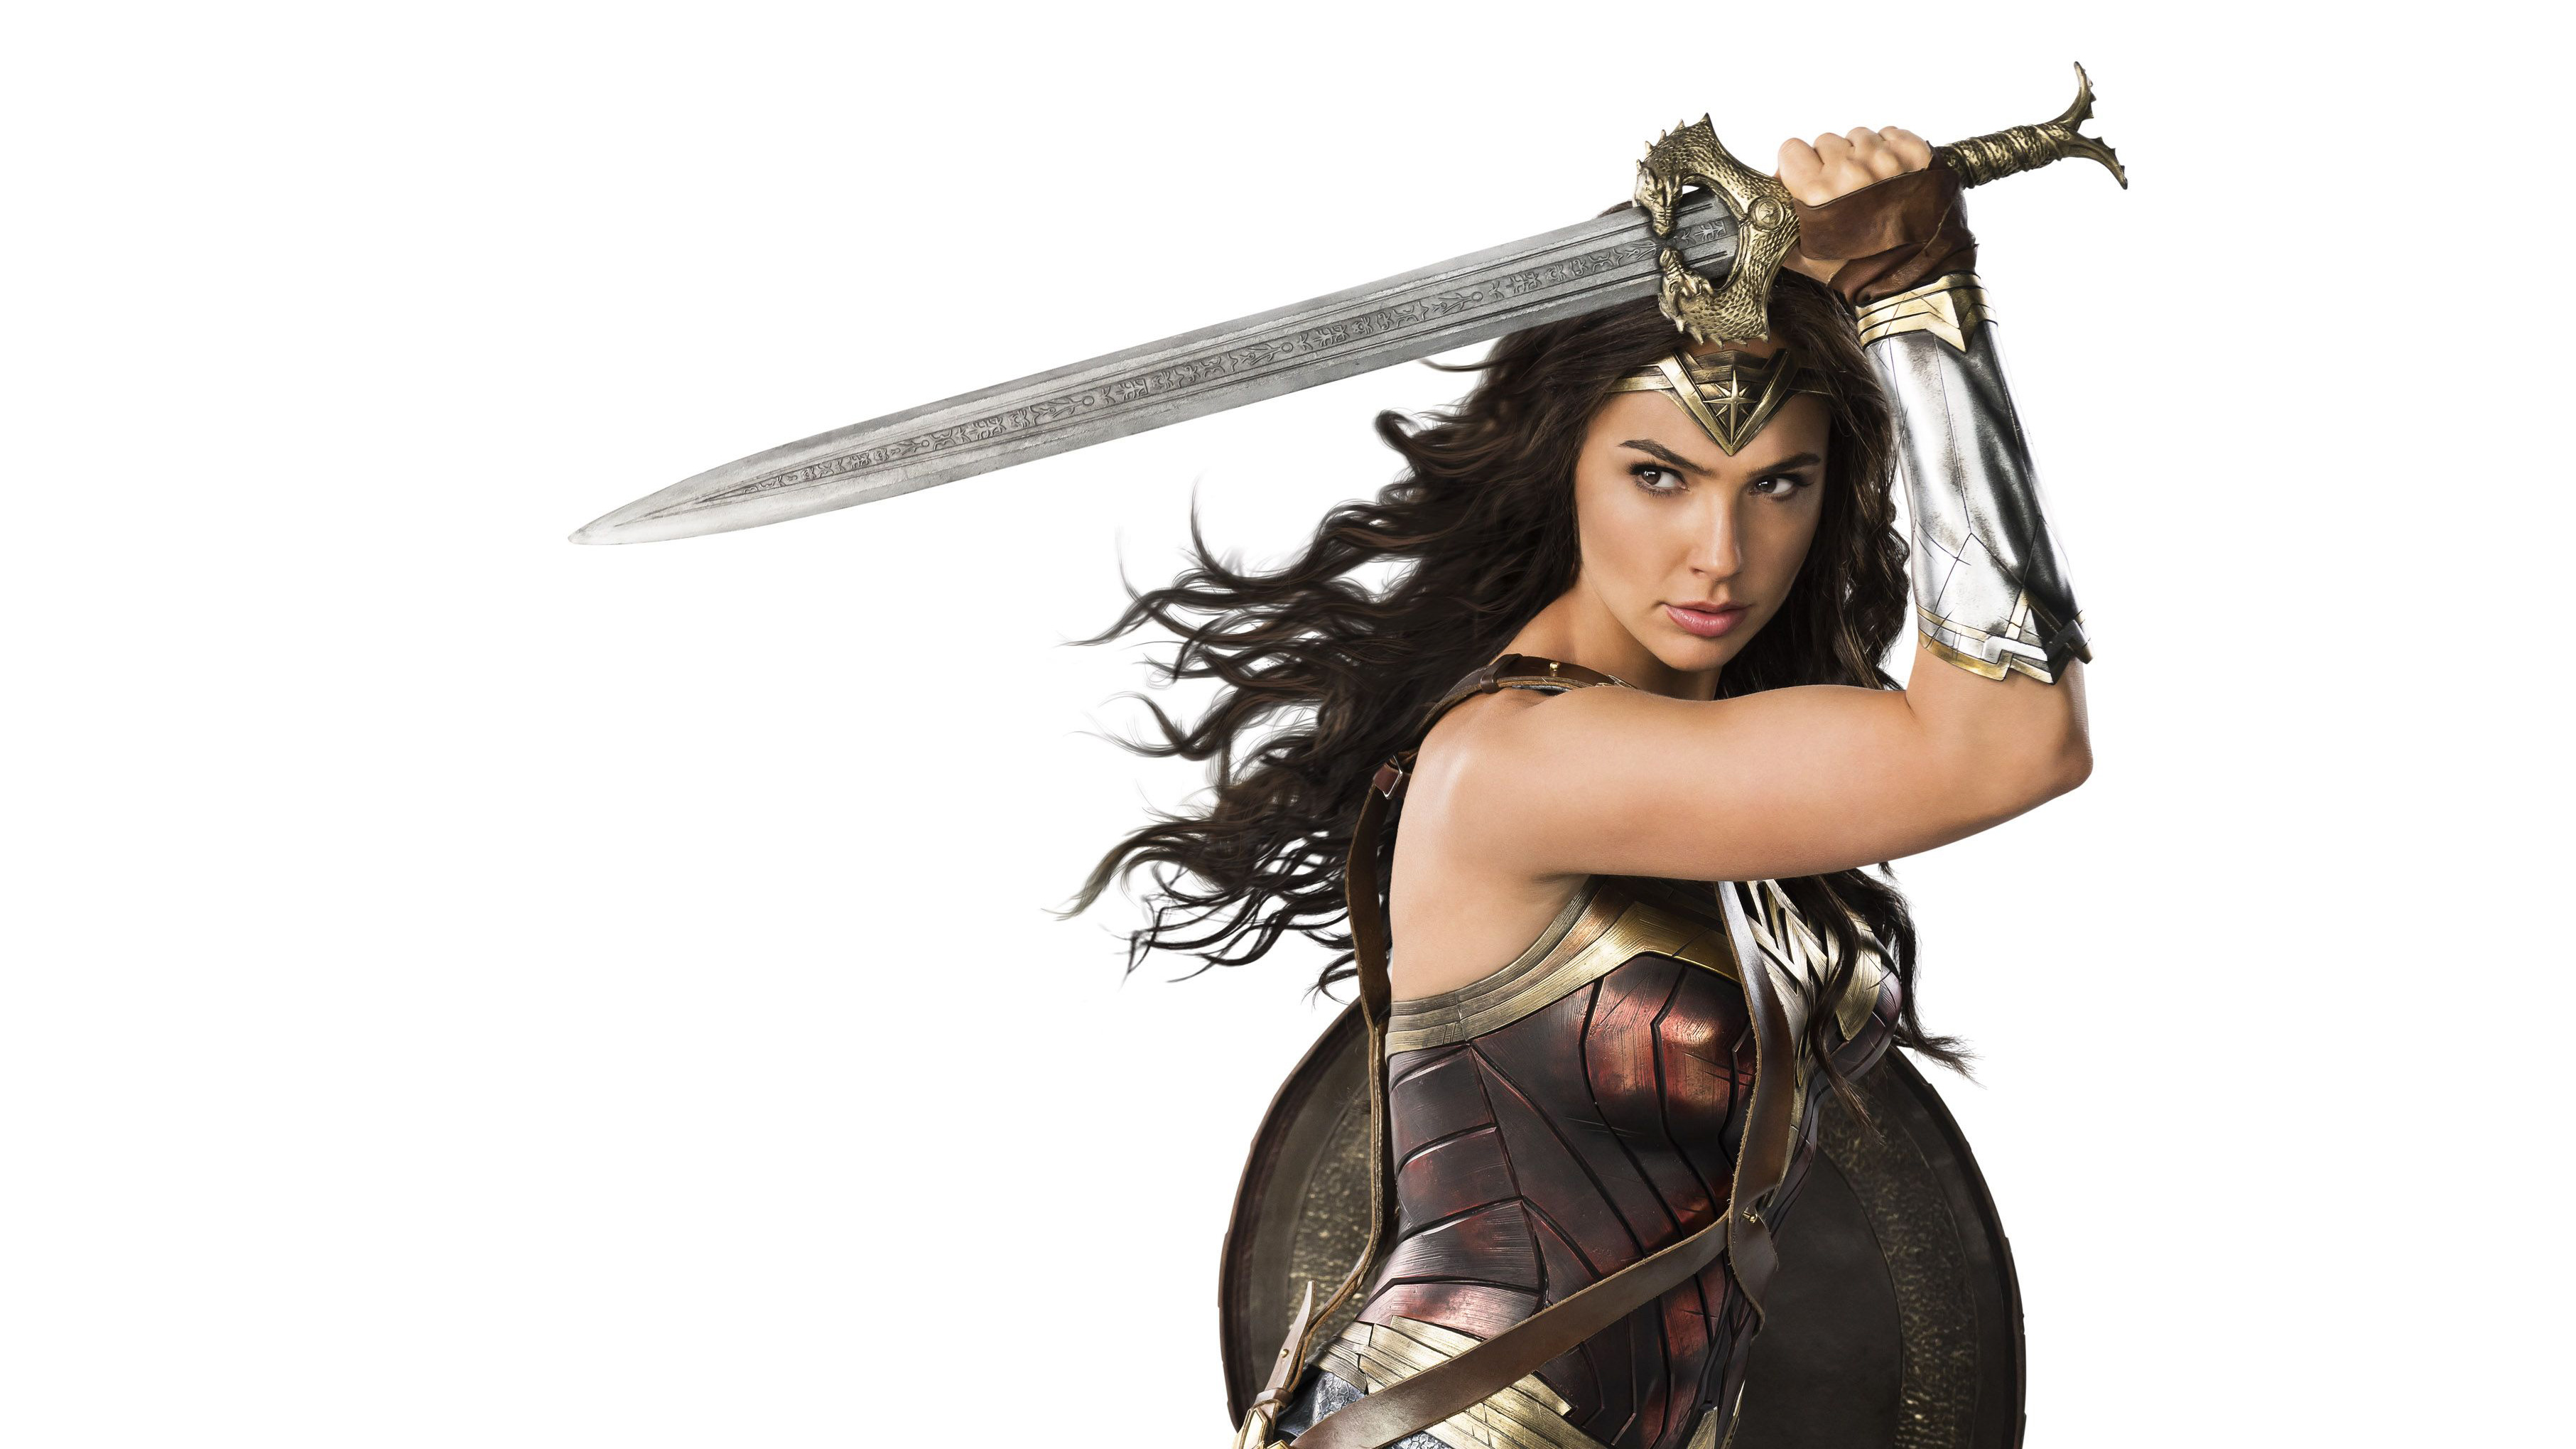 Wallpaper Wonder Woman 4k Movies 11307: 4k Wonder Woman, HD Superheroes, 4k Wallpapers, Images